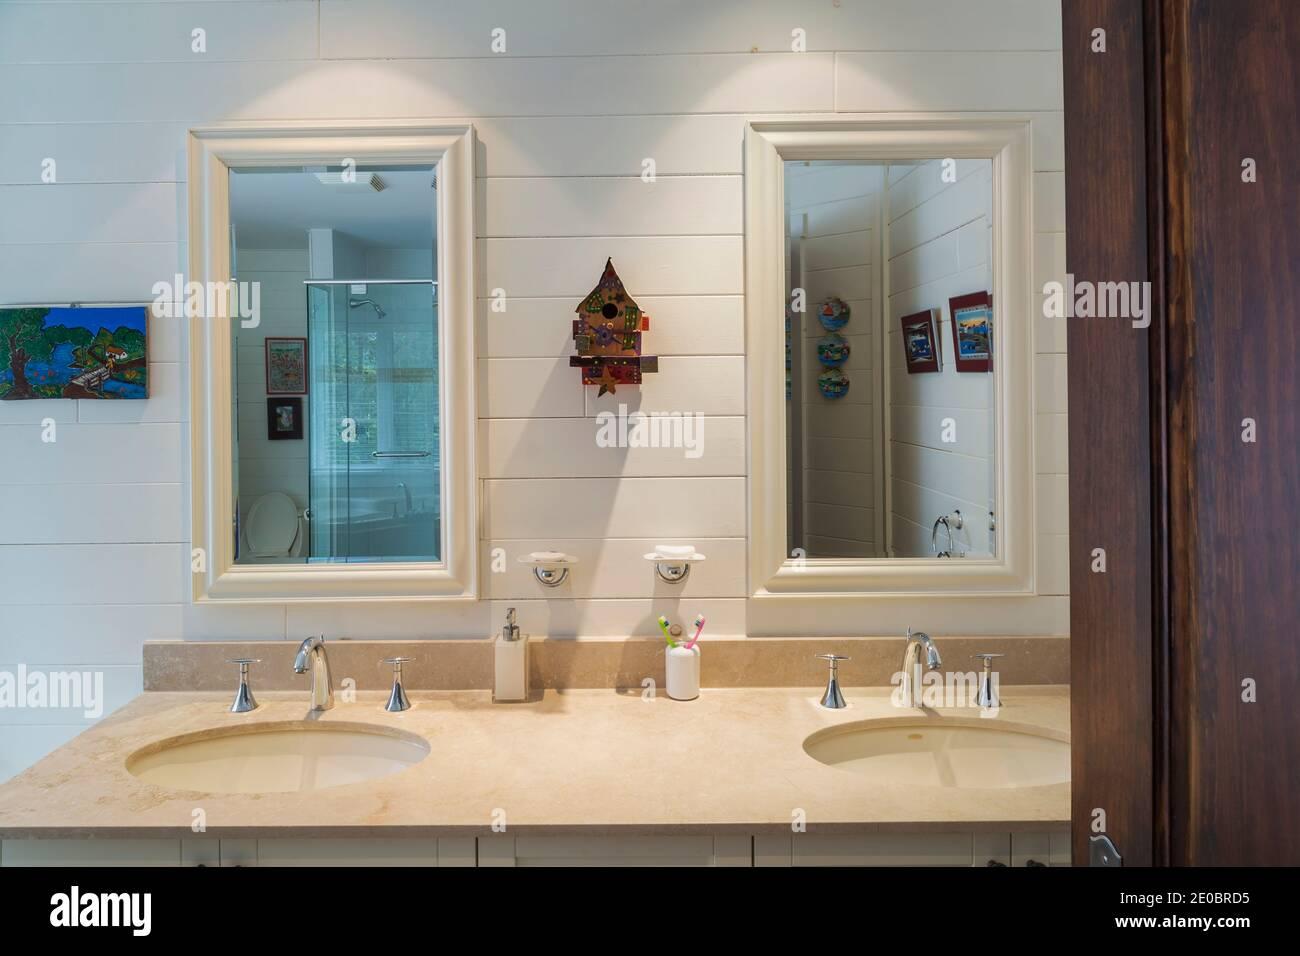 Lavandini E Specchi Immagini E Fotos Stock Alamy